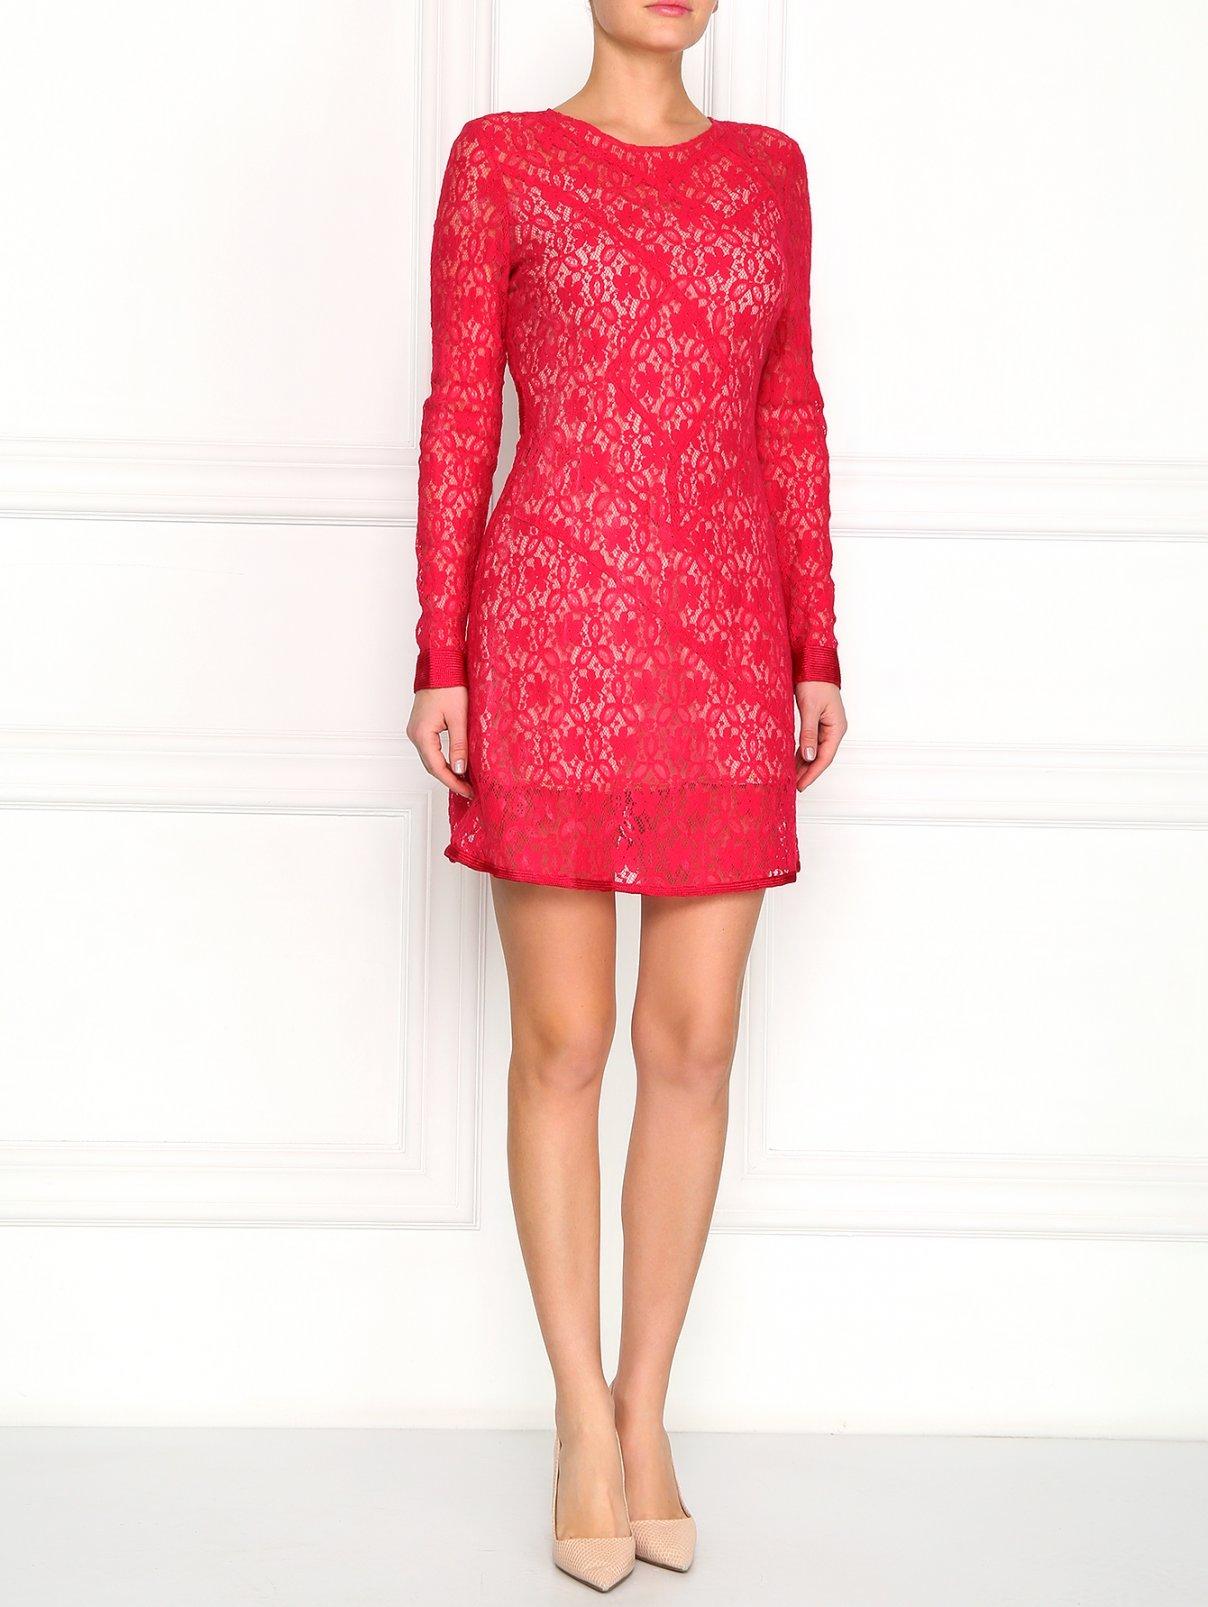 Платье из кружева Marc by Marc Jacobs  –  Модель Общий вид  – Цвет:  Красный